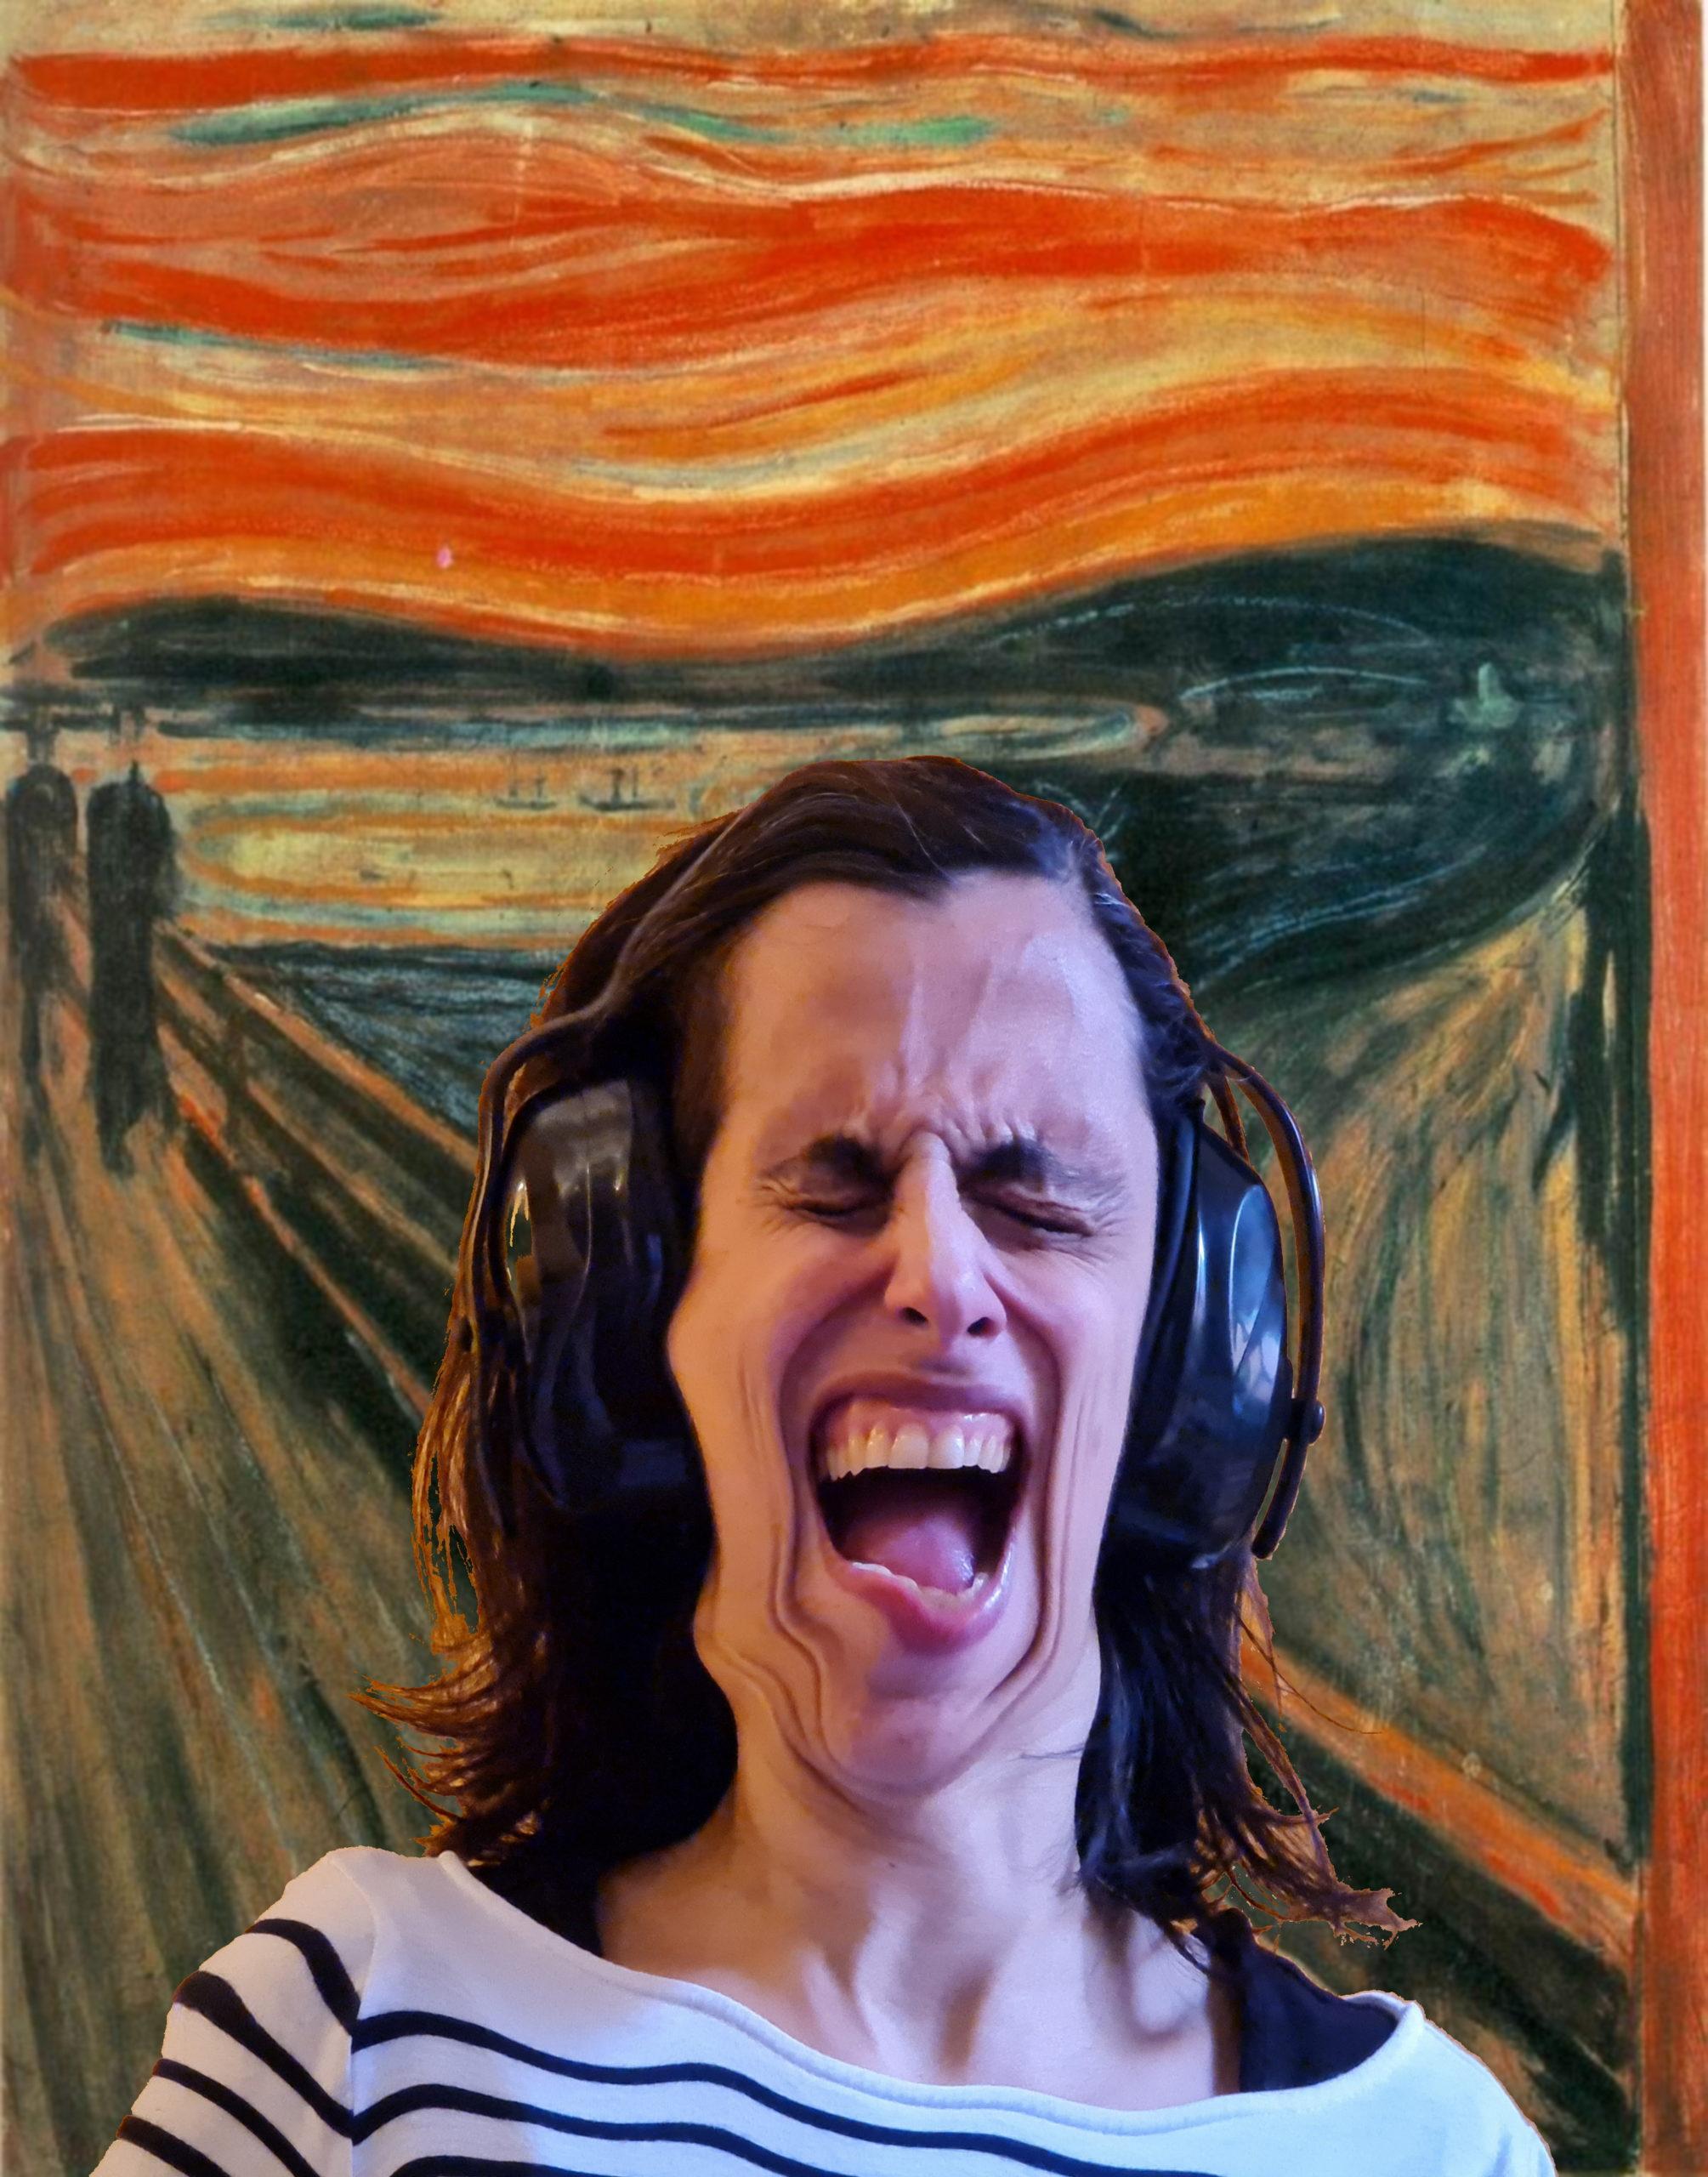 Eine Mama mit Ohrenschützern auf den Ohren und verzehrtem Gesicht, schreit und stellt so das Bild Schrei nach, das auch im Hintergrund zu sehen ist